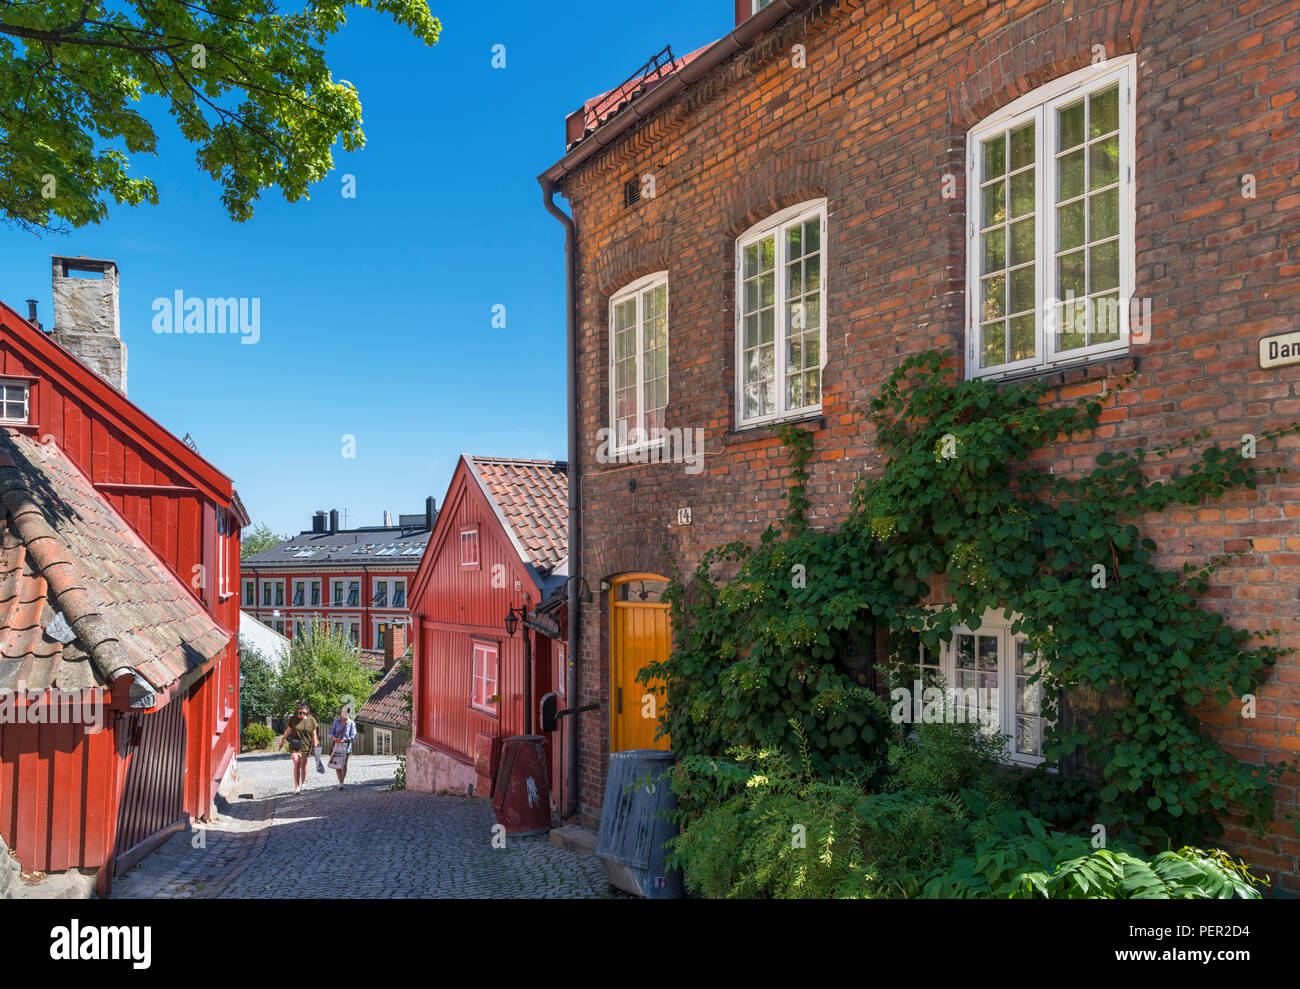 Las casas tradicionales de Damstredet, Oslo, Noruega Imagen De Stock